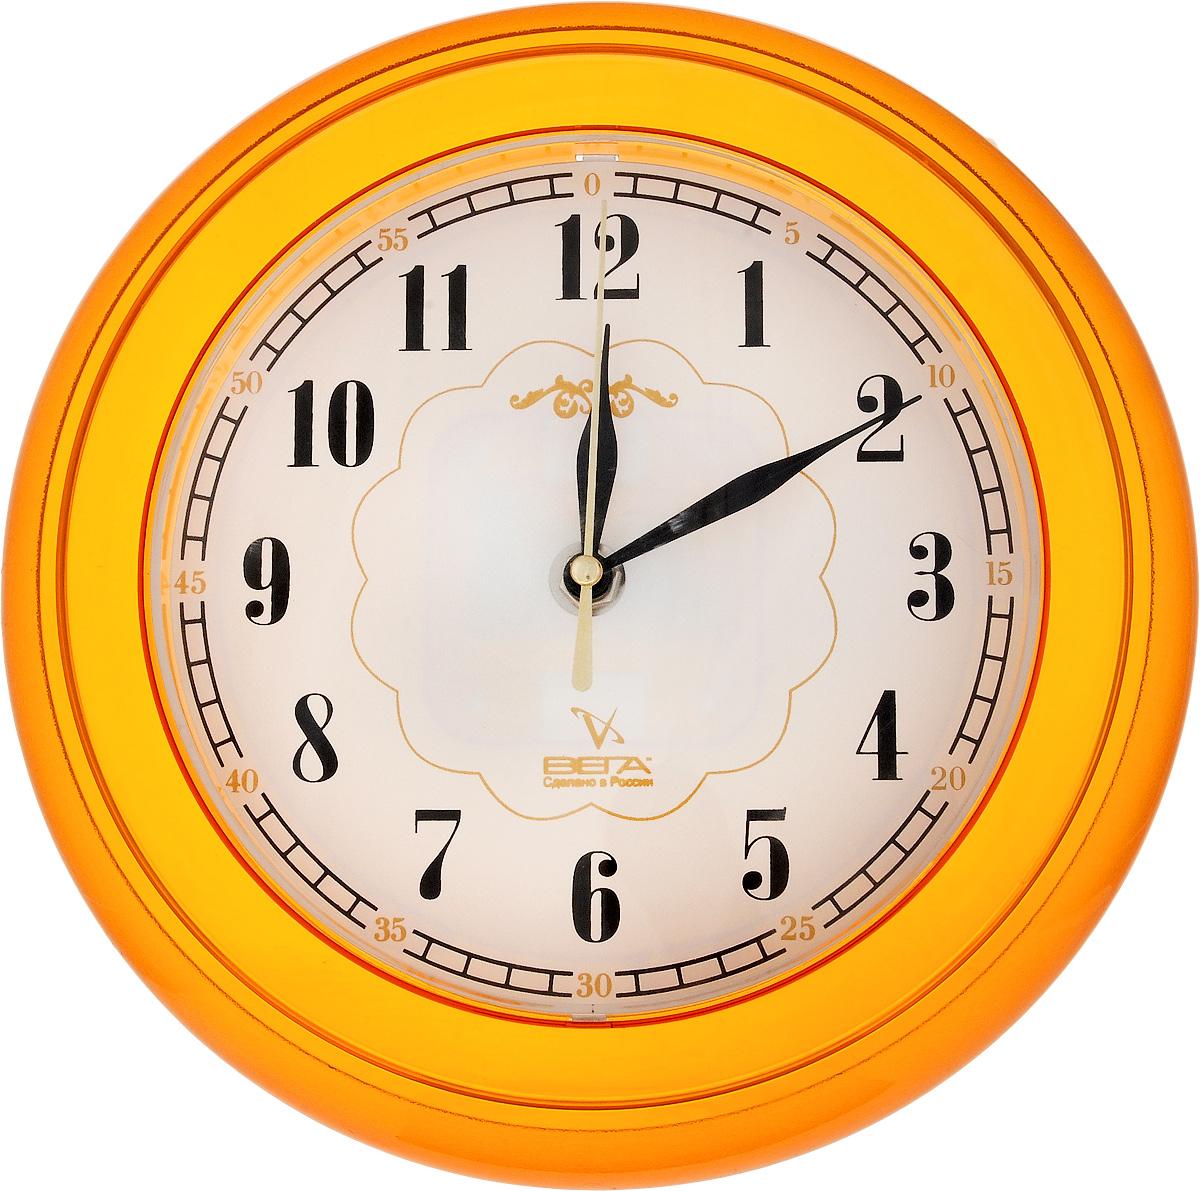 """Фото Часы настенные Вега """"Классика"""", цвет: оранжевый, диаметр 22 см. Купить  в РФ"""